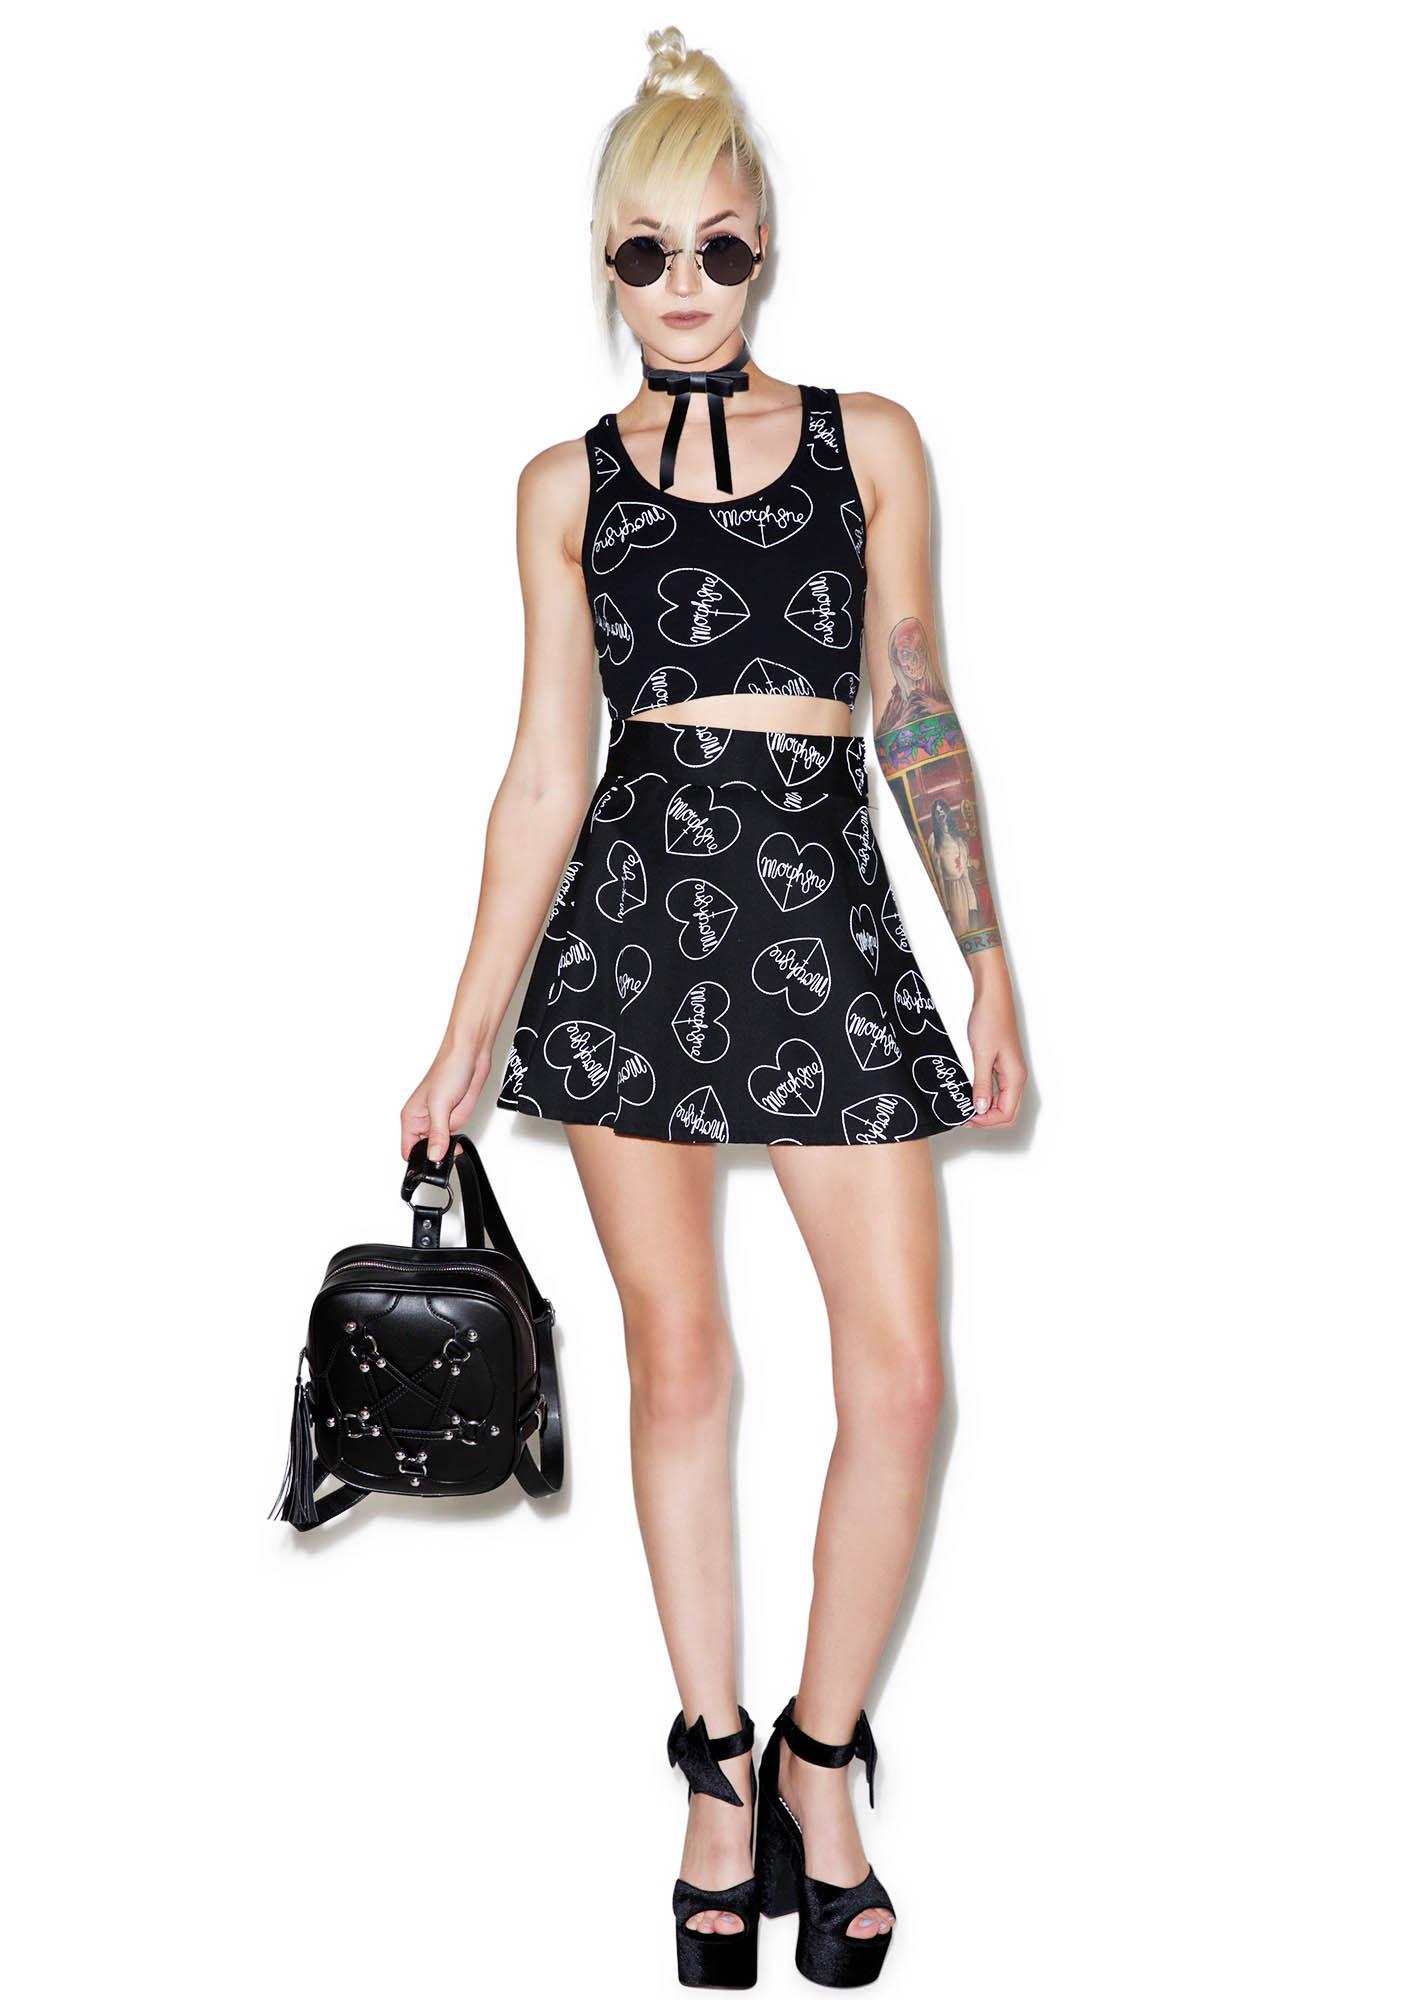 Morph8ne Morph8ne Love Skater Skirt